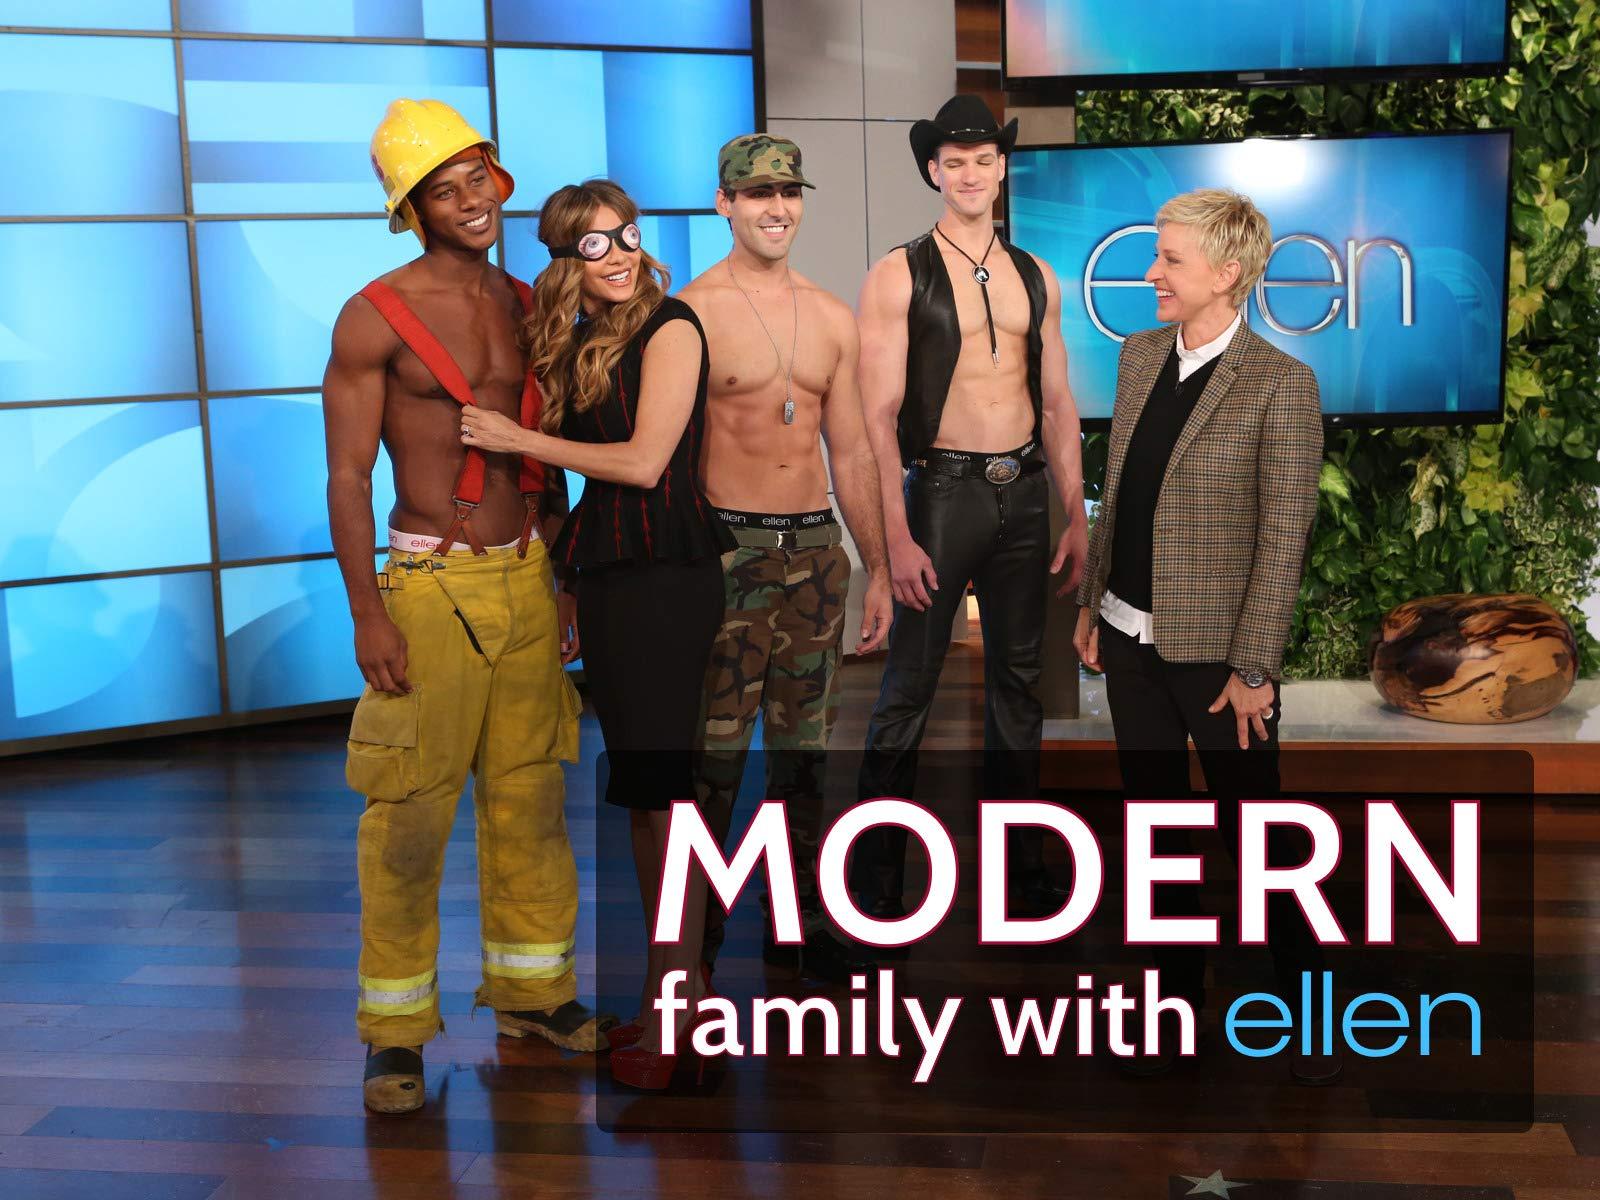 'Modern Family' on Ellen